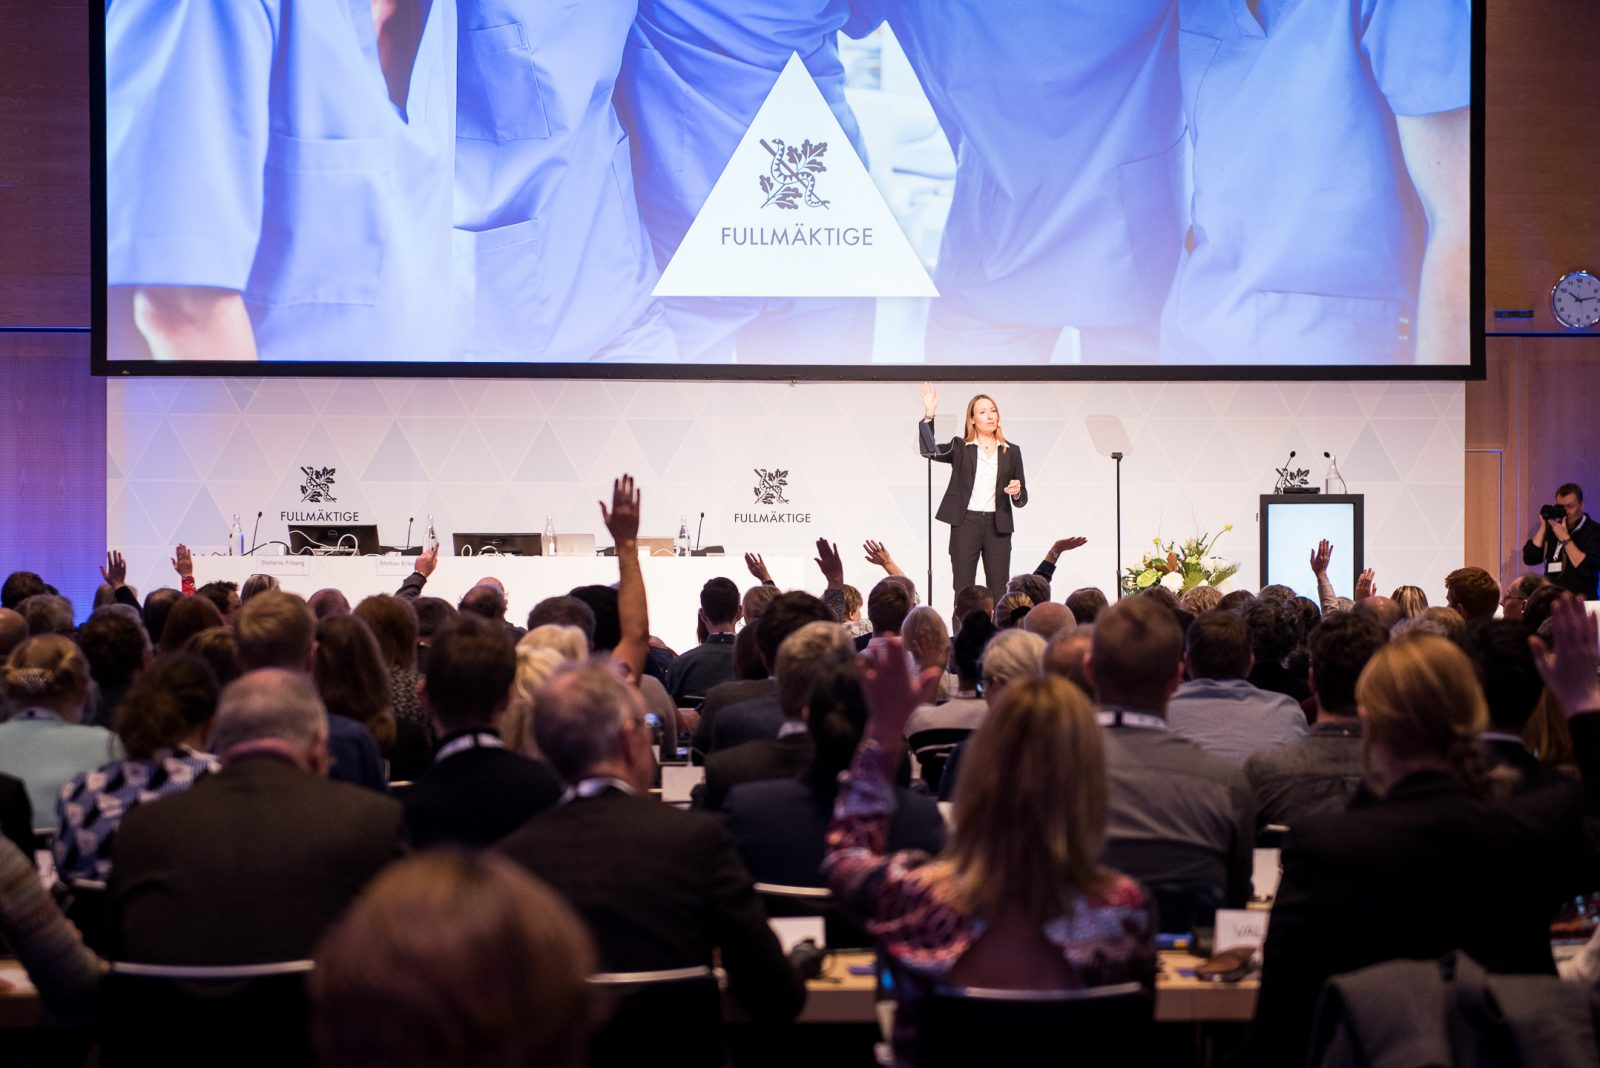 Heidi Stensmyren öppnar Fullmäktigemötet 2018